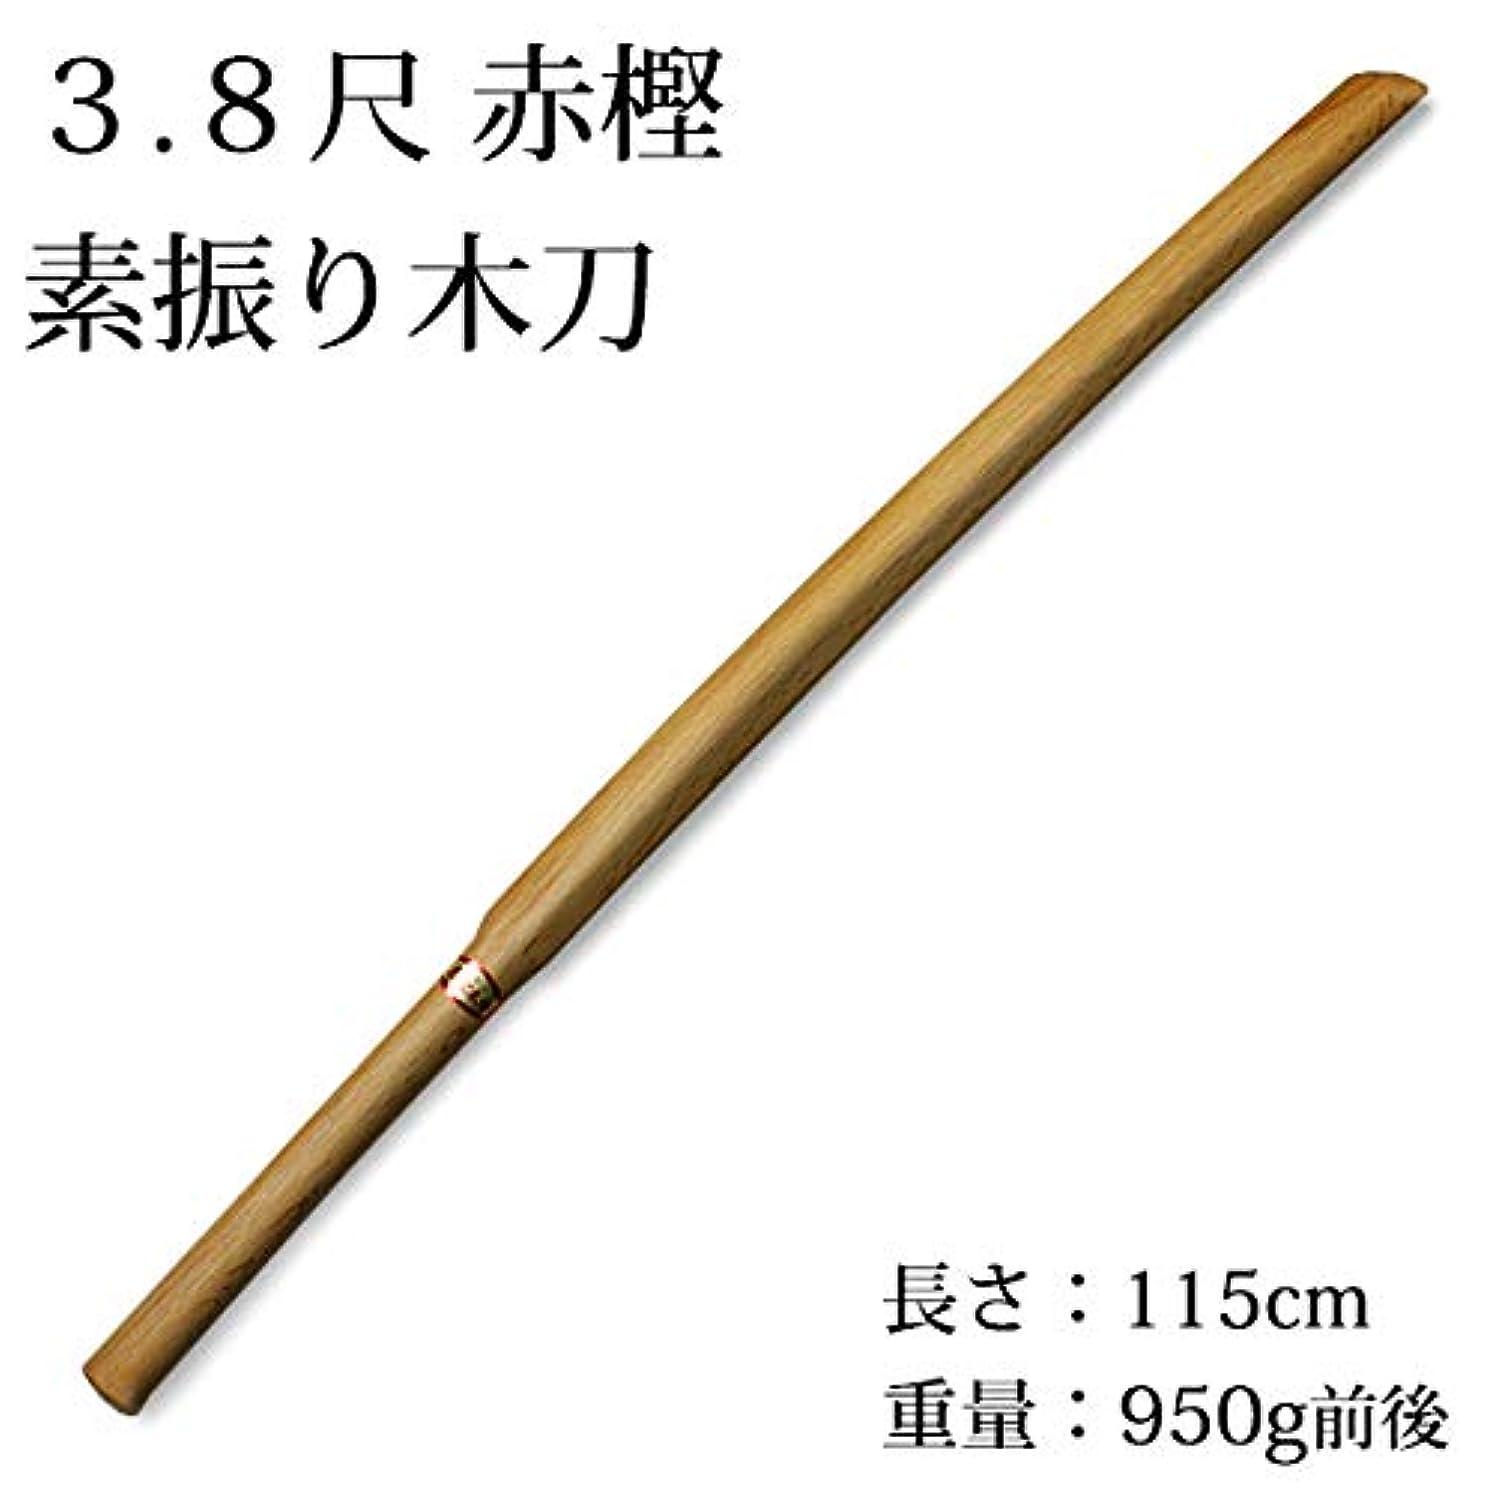 ママ連邦ブレス剣道屋 剣道形 素振り用 3.8尺赤樫素振り木刀